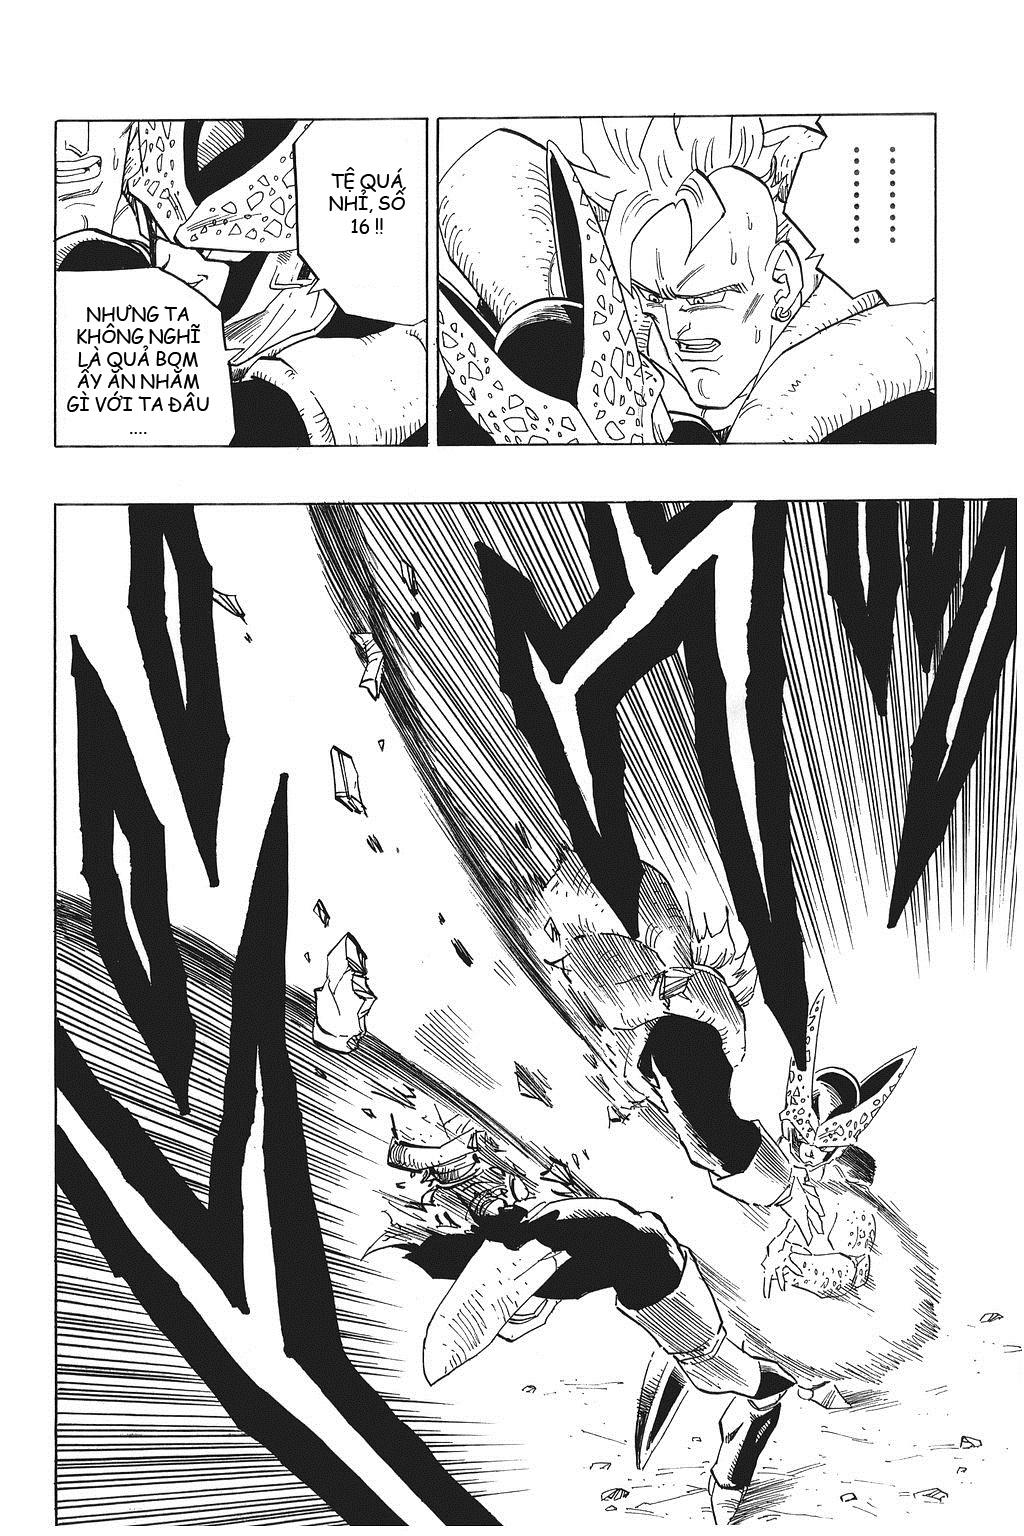 xem truyen moi - Dragon Ball Bản Vip - Bản Đẹp Nguyên Gốc Chap 406